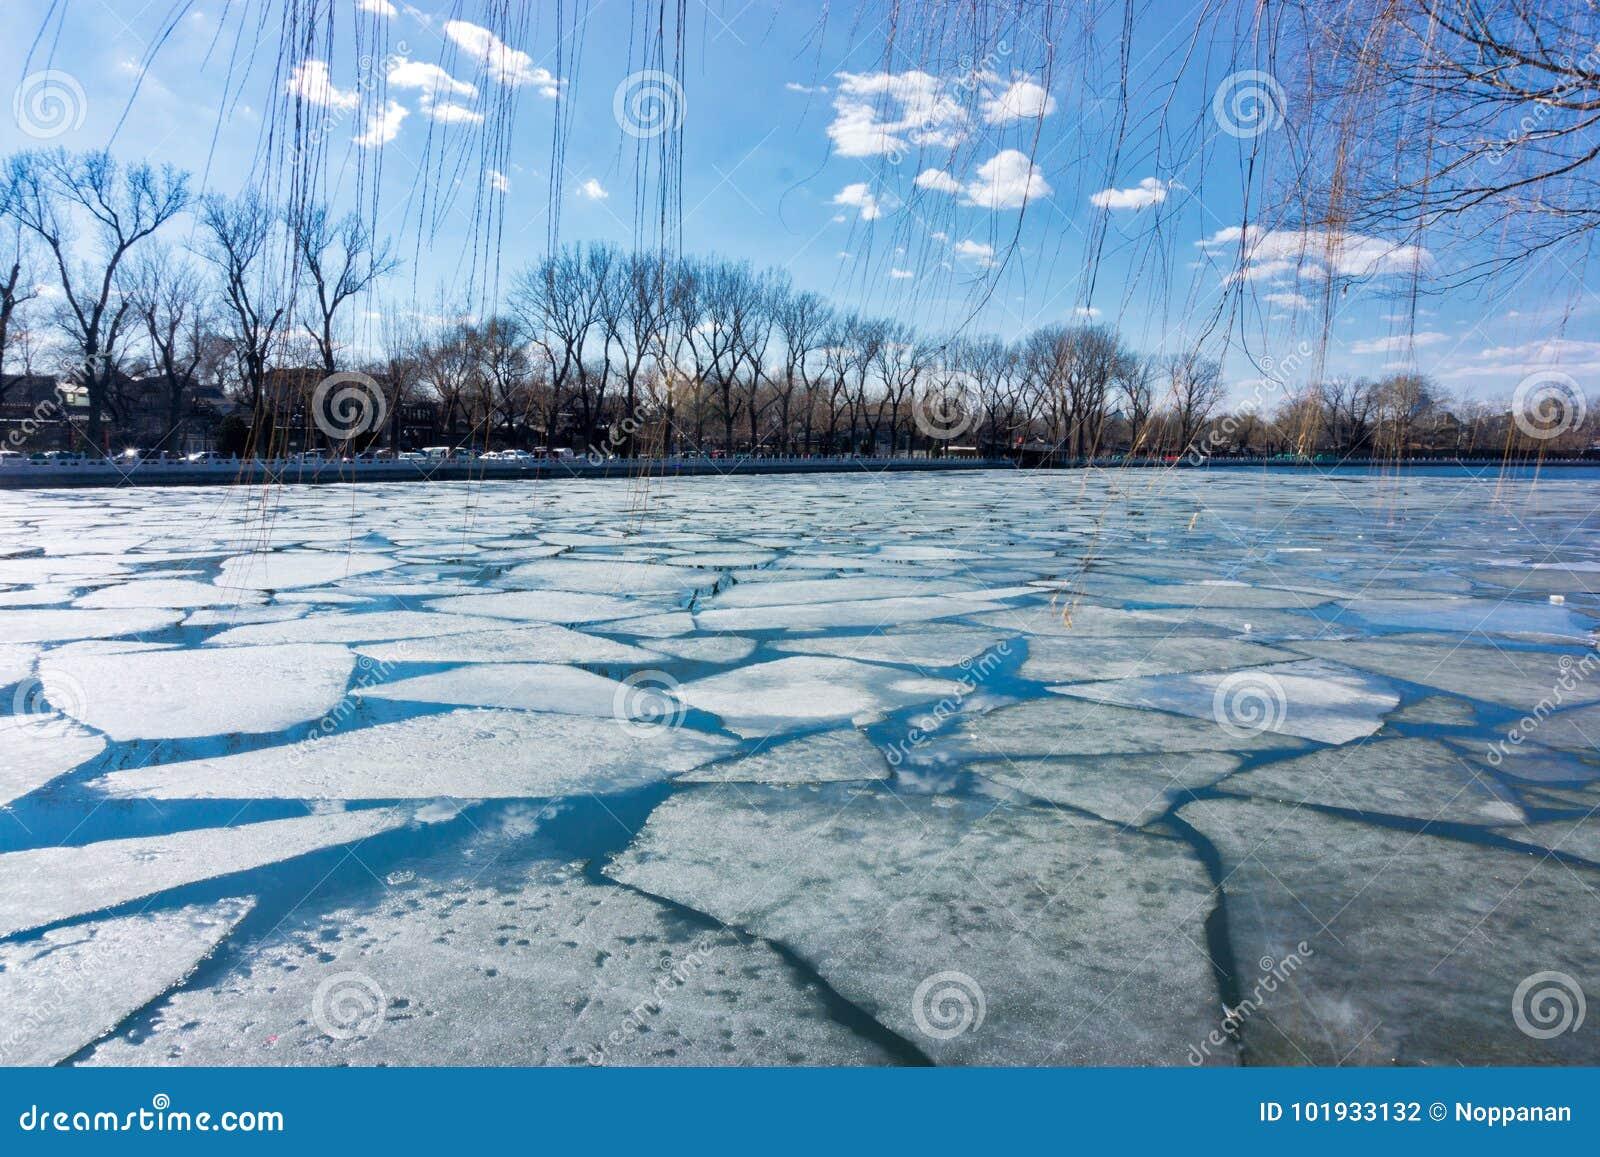 Broken ice at Houhai lake in Beijing, China